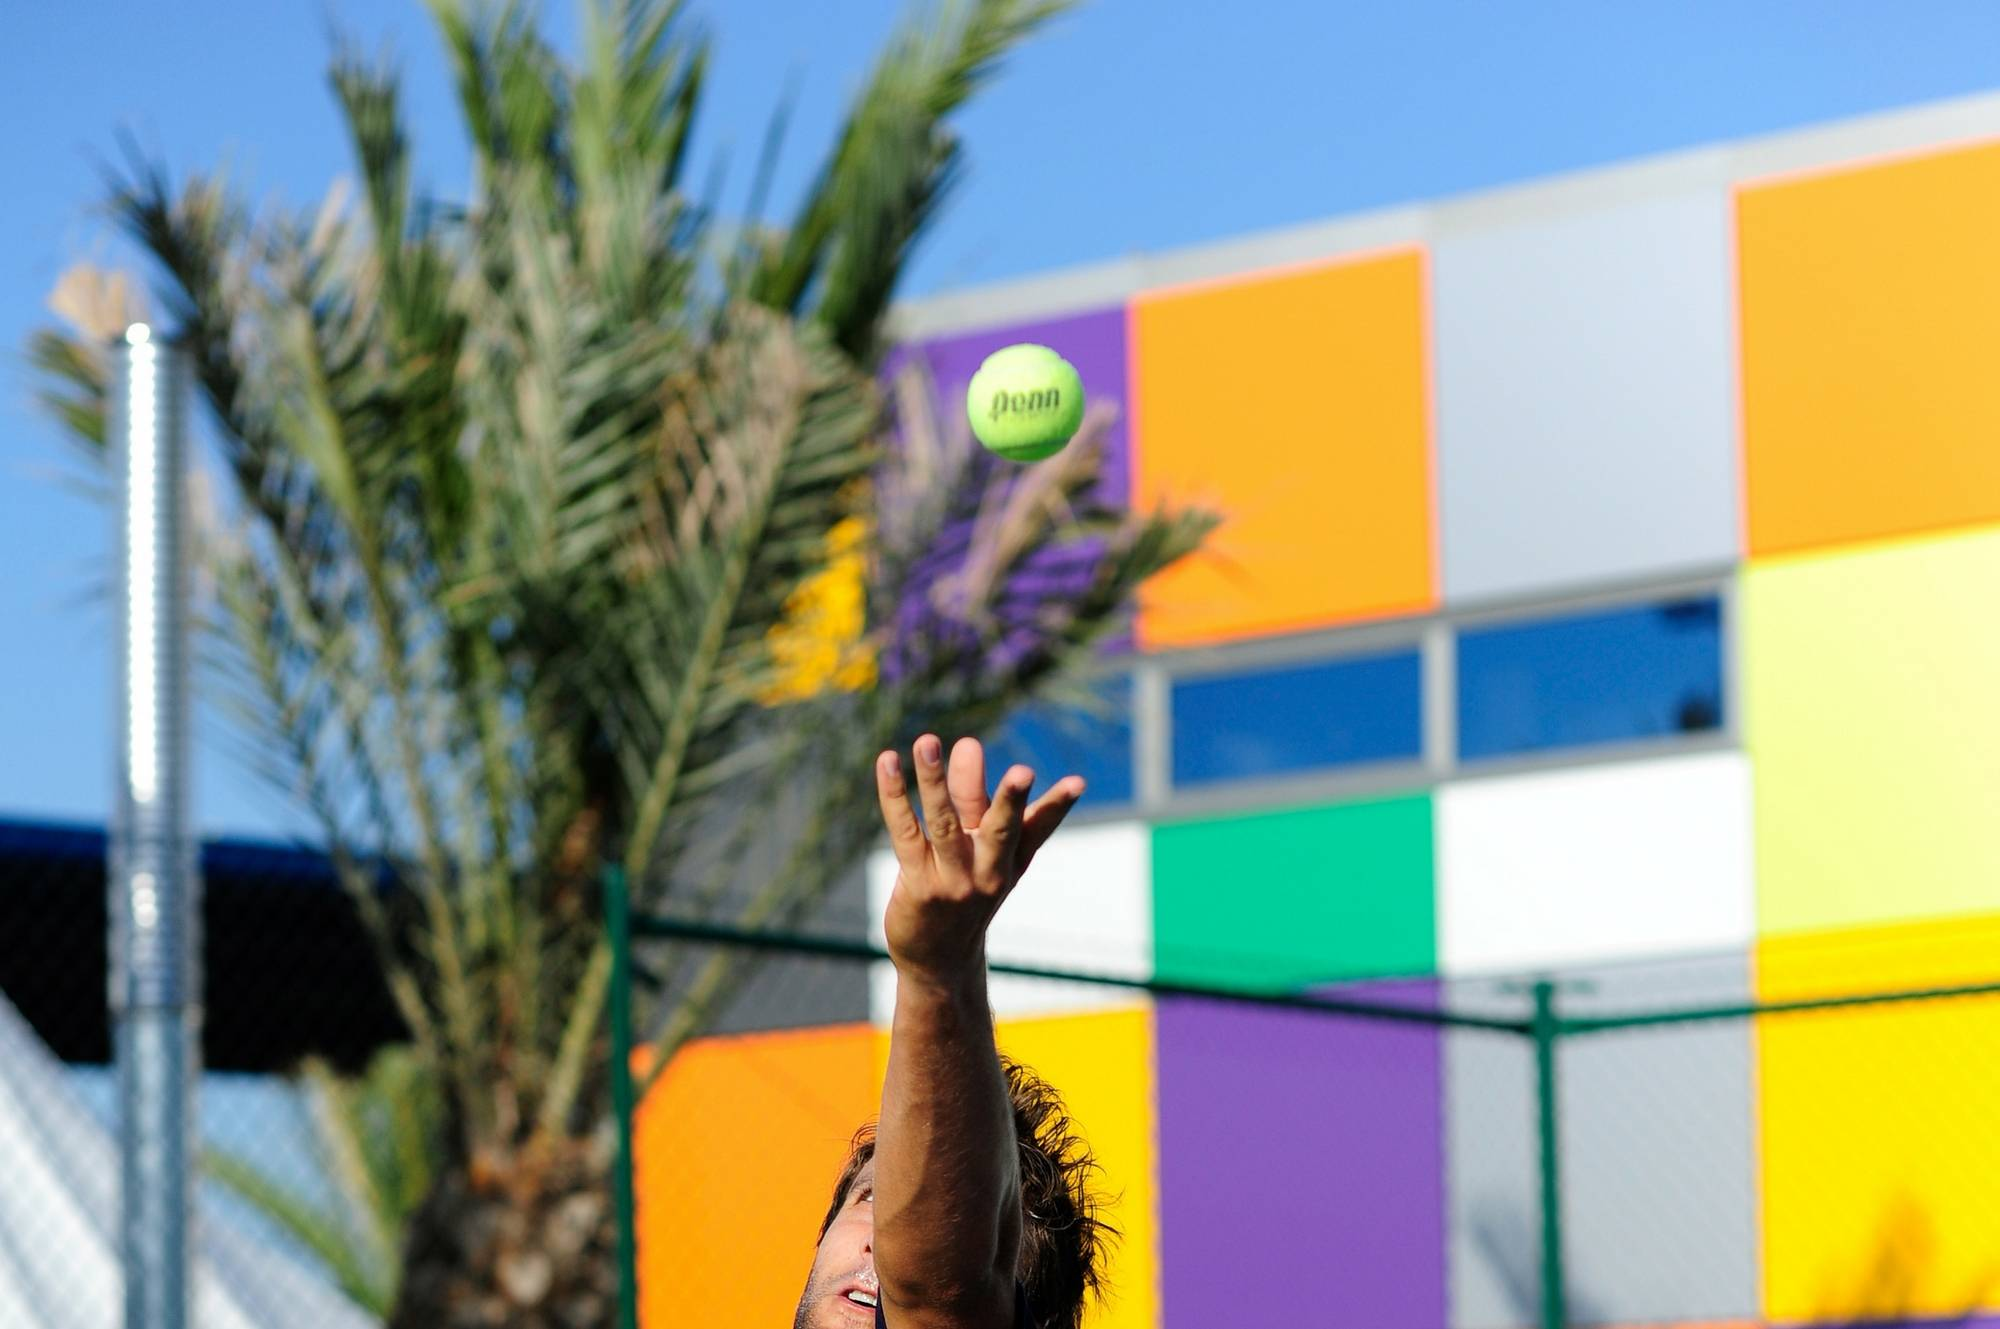 instalaciones_10_instalaciones tenis arena